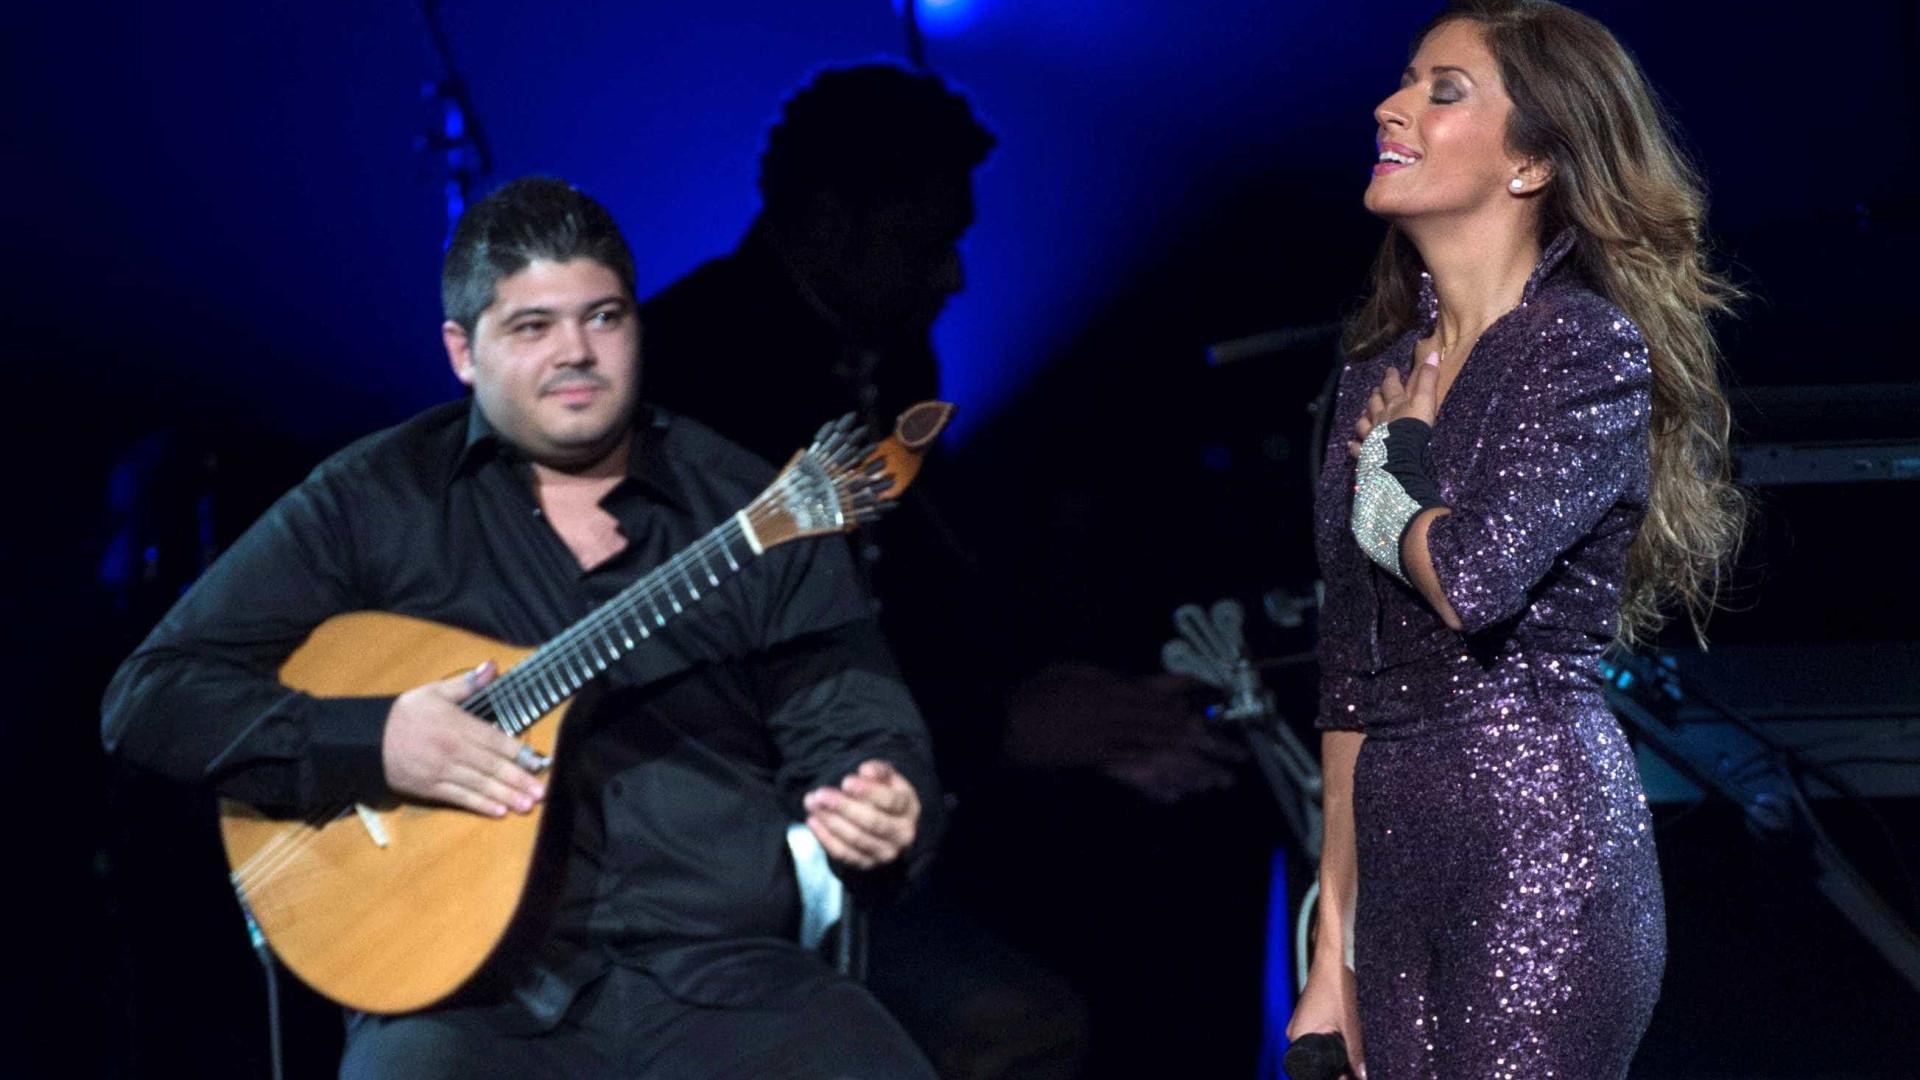 Ana Moura junta-se a concerto de homenagem a Lhasa de Sela no Canadá